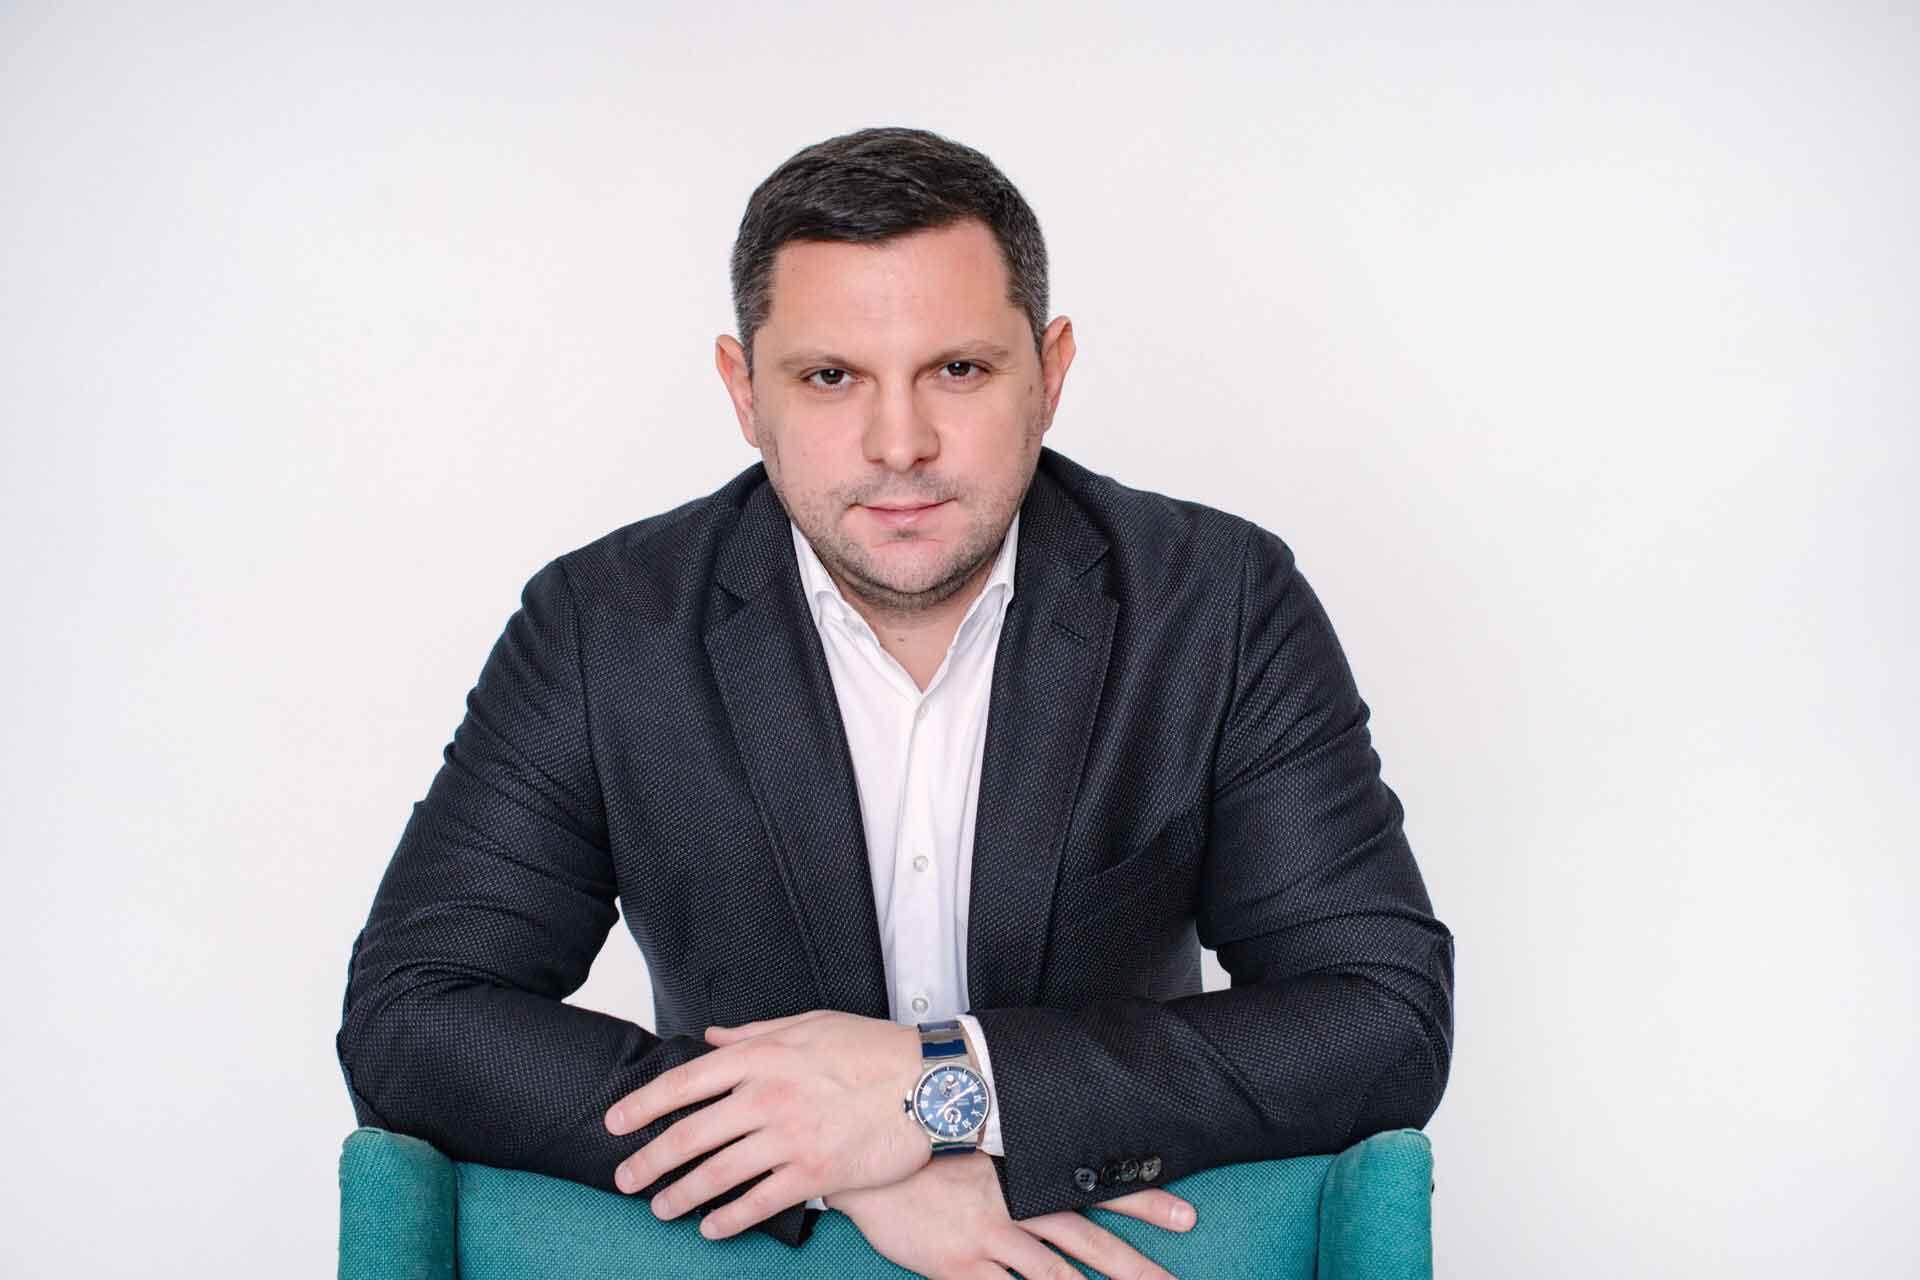 Евгений Запотылок, основатель и генеральный директор независимого TV-Digital агентства «Формула Рекламы»